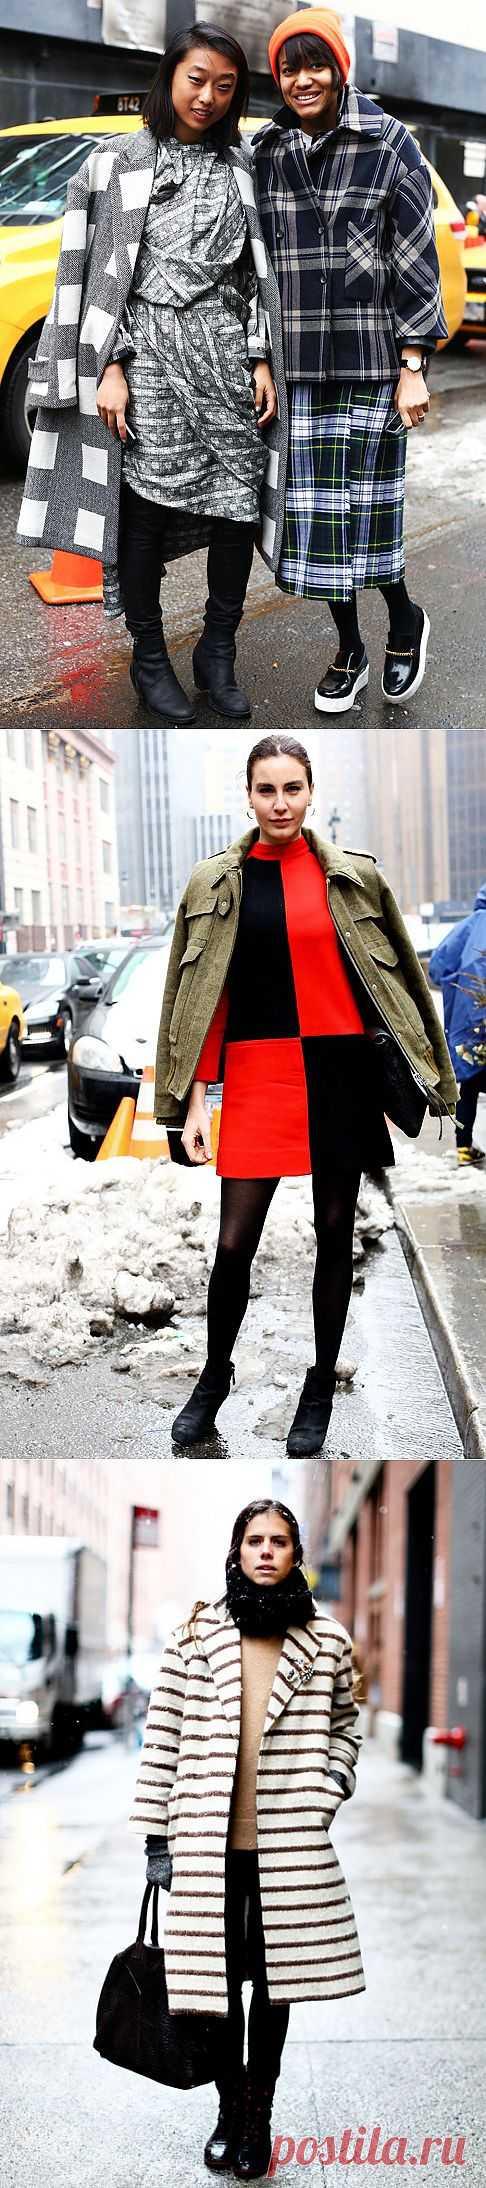 По улицам бродили...(Трафик) / Street Style / Модный сайт о стильной переделке одежды и интерьера